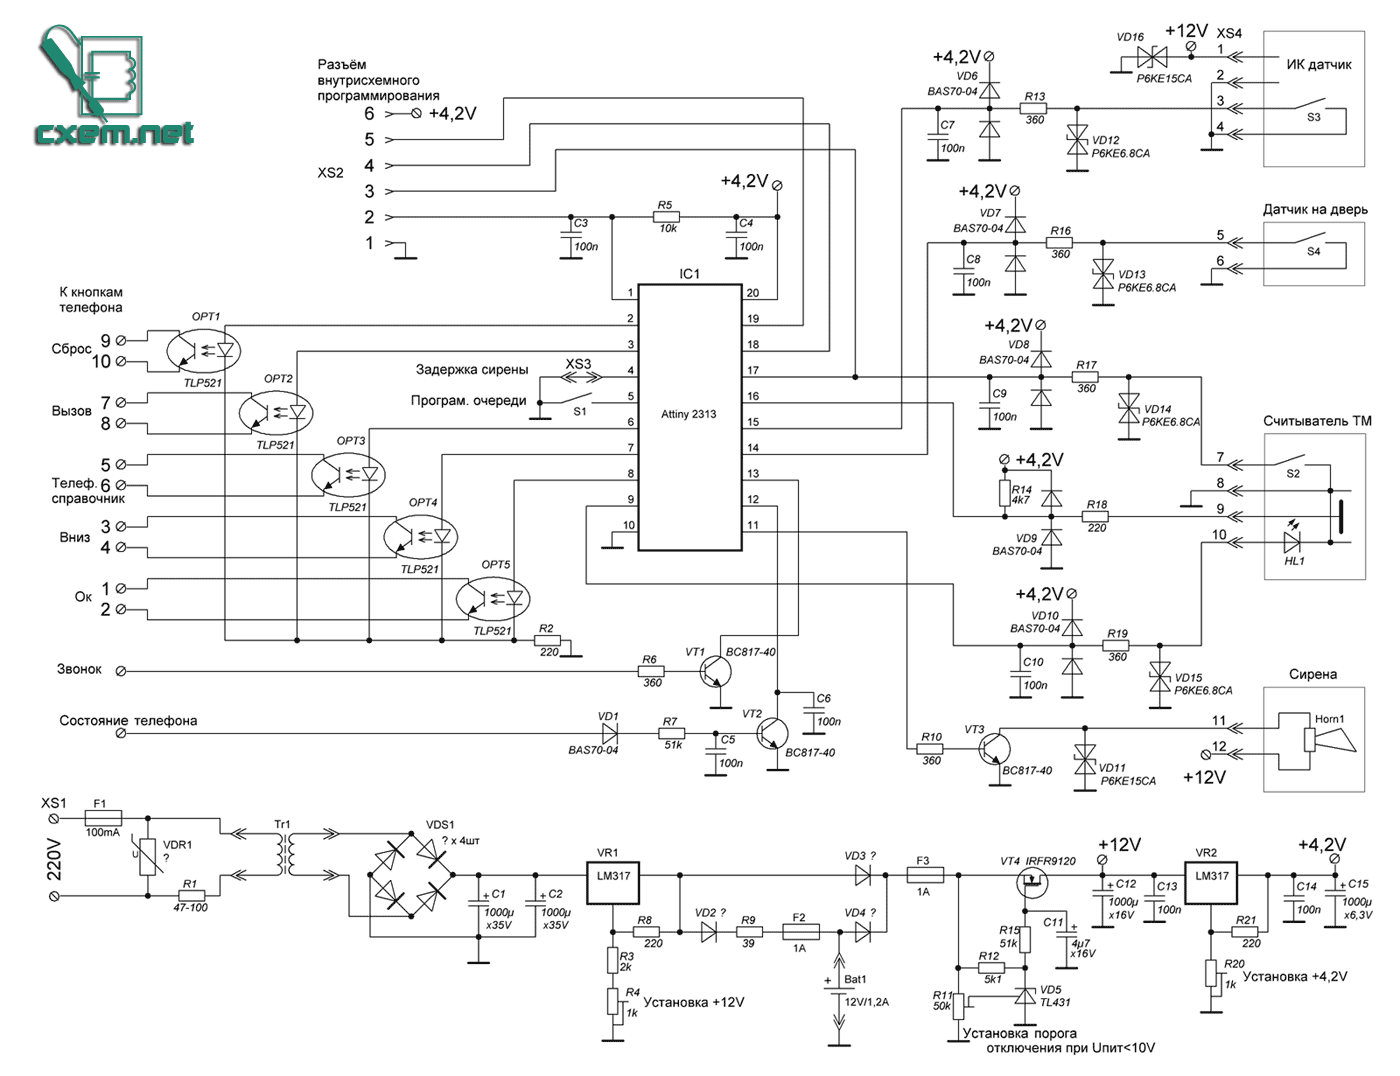 Электровозы эп1 принципиальная схема эп1